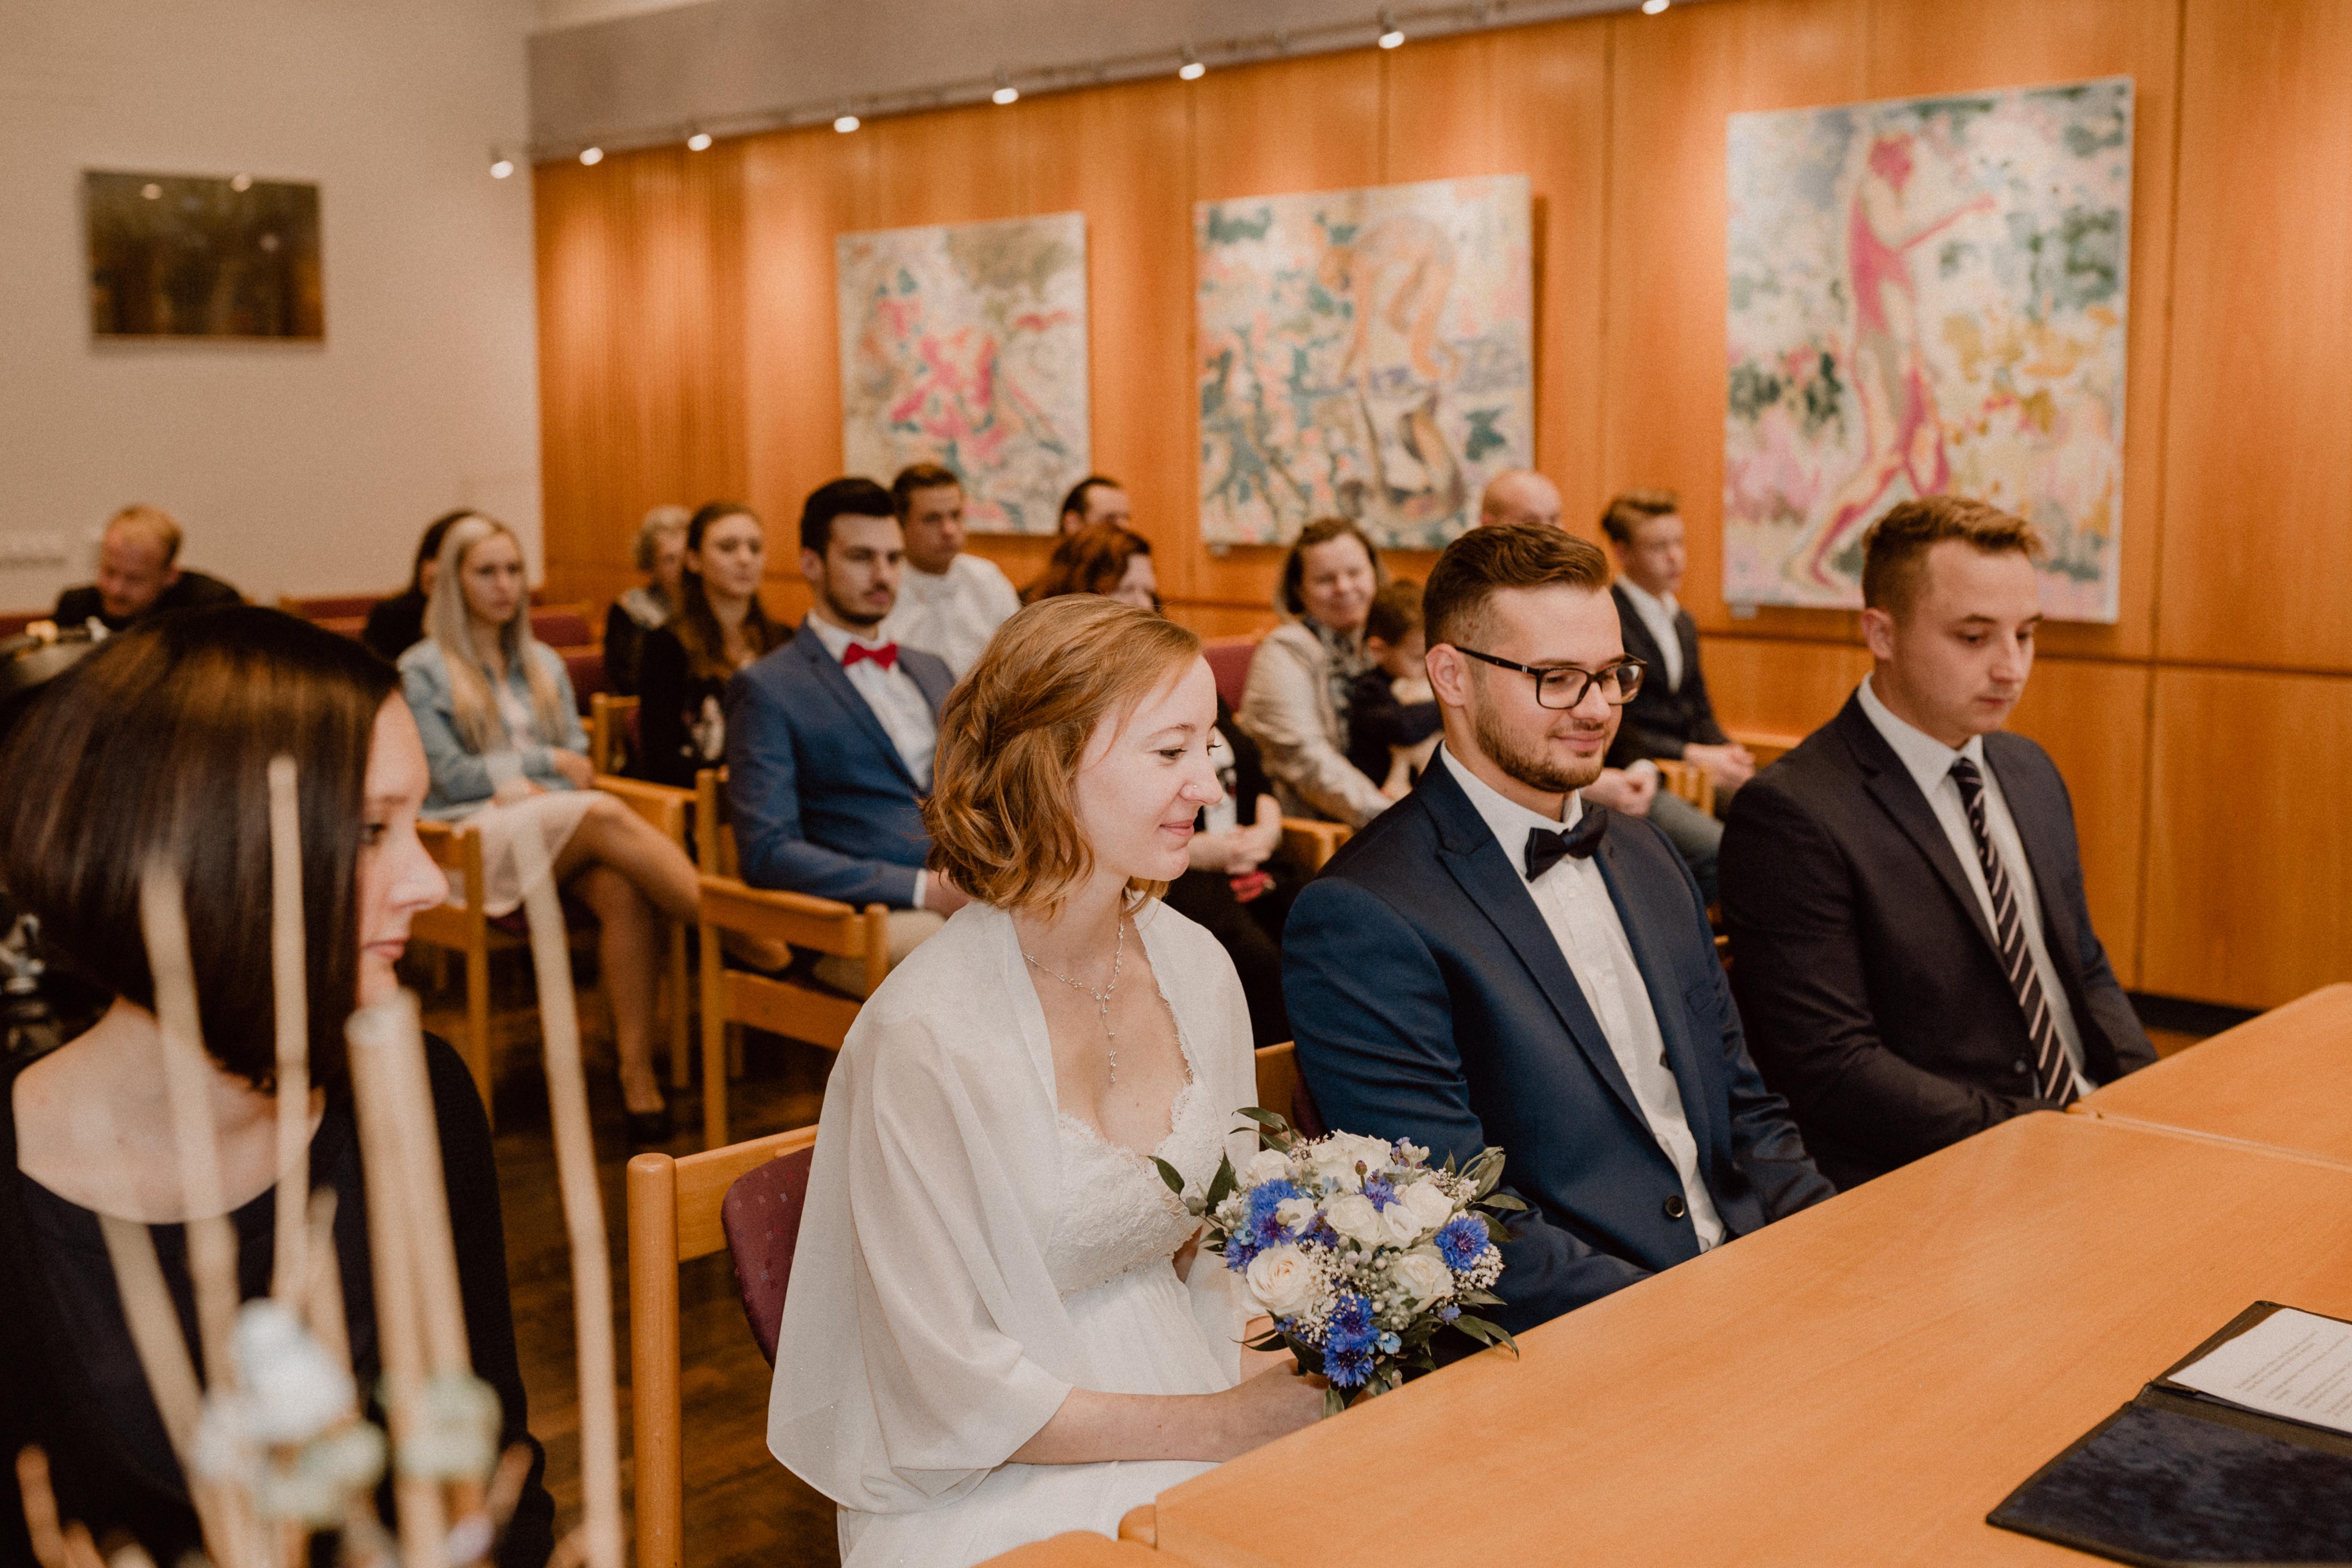 URBANERIE_Daniela_Goth_Hochzeitsfotografin_Nürnberg_Fürth_Erlangen_Schwabach_17907_0068